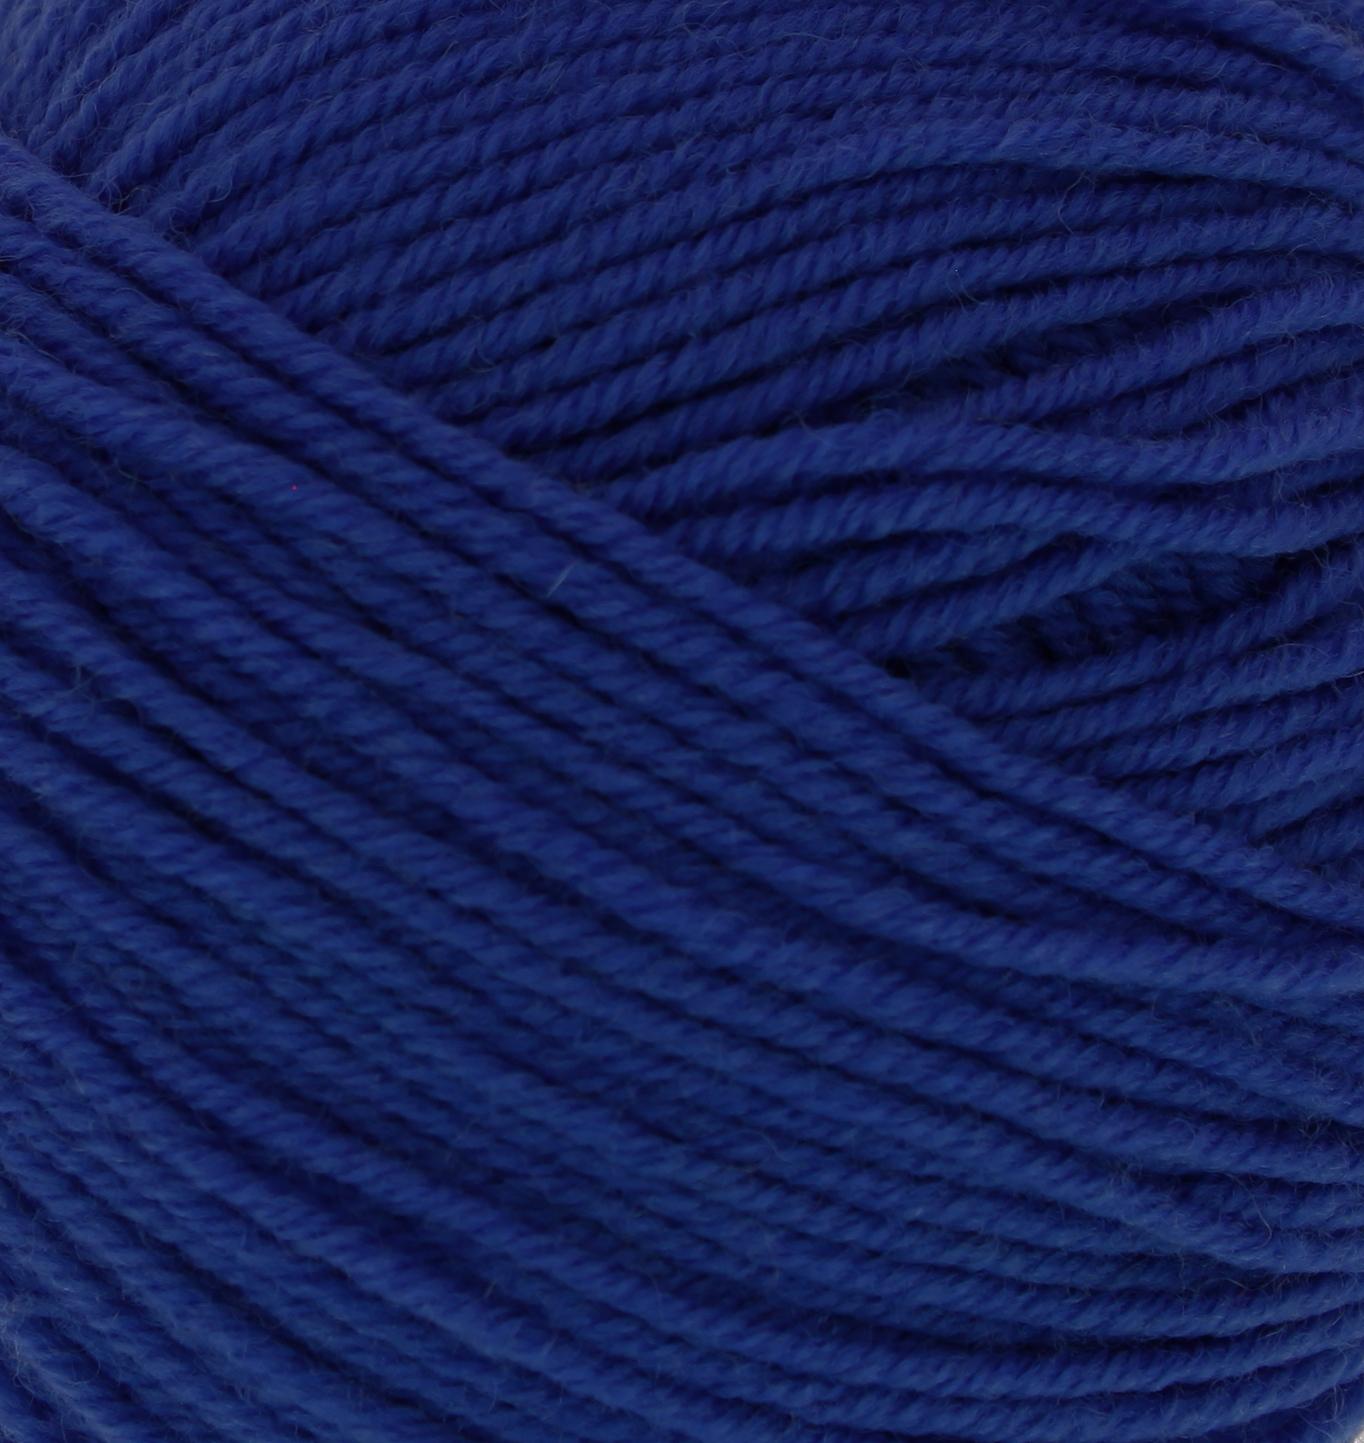 King Cole Luxury Merino DK Knitting Wool Yarn 50g 2630 Lapis